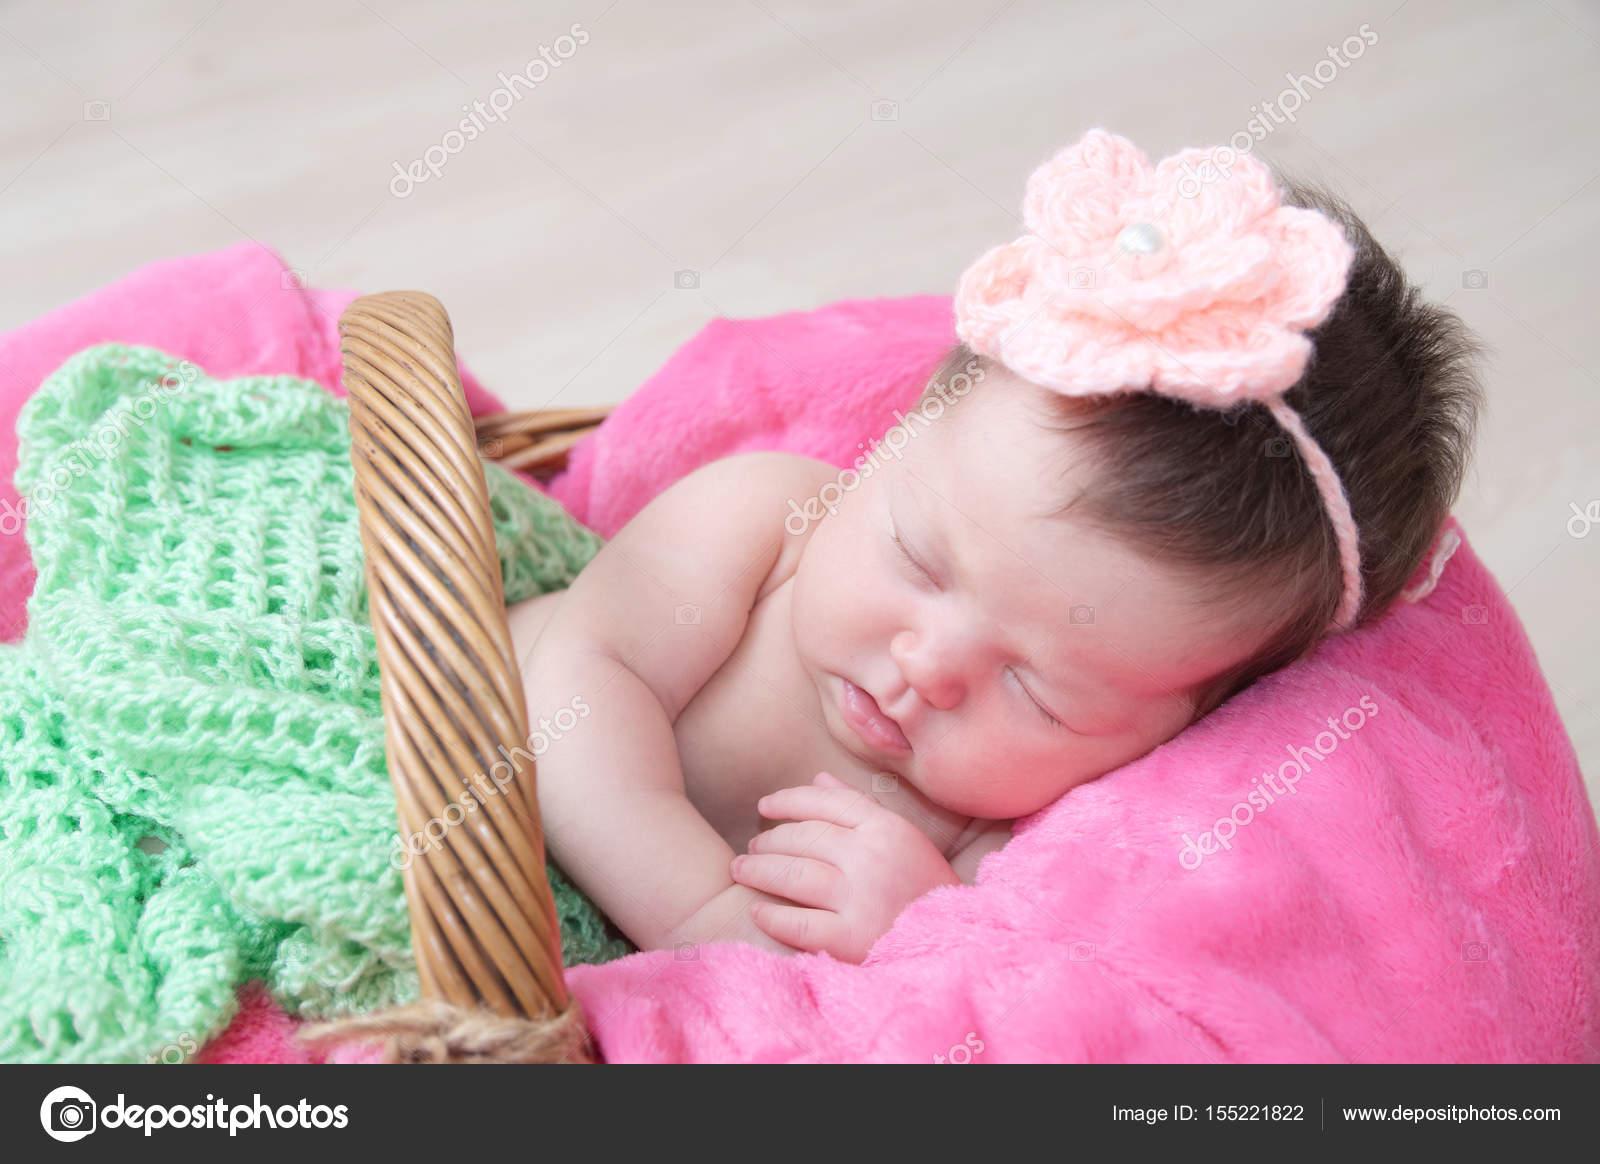 Canasta De Recien Nacido.Recien Nacido Que Duerme En La Canasta Bebe Tumbado En